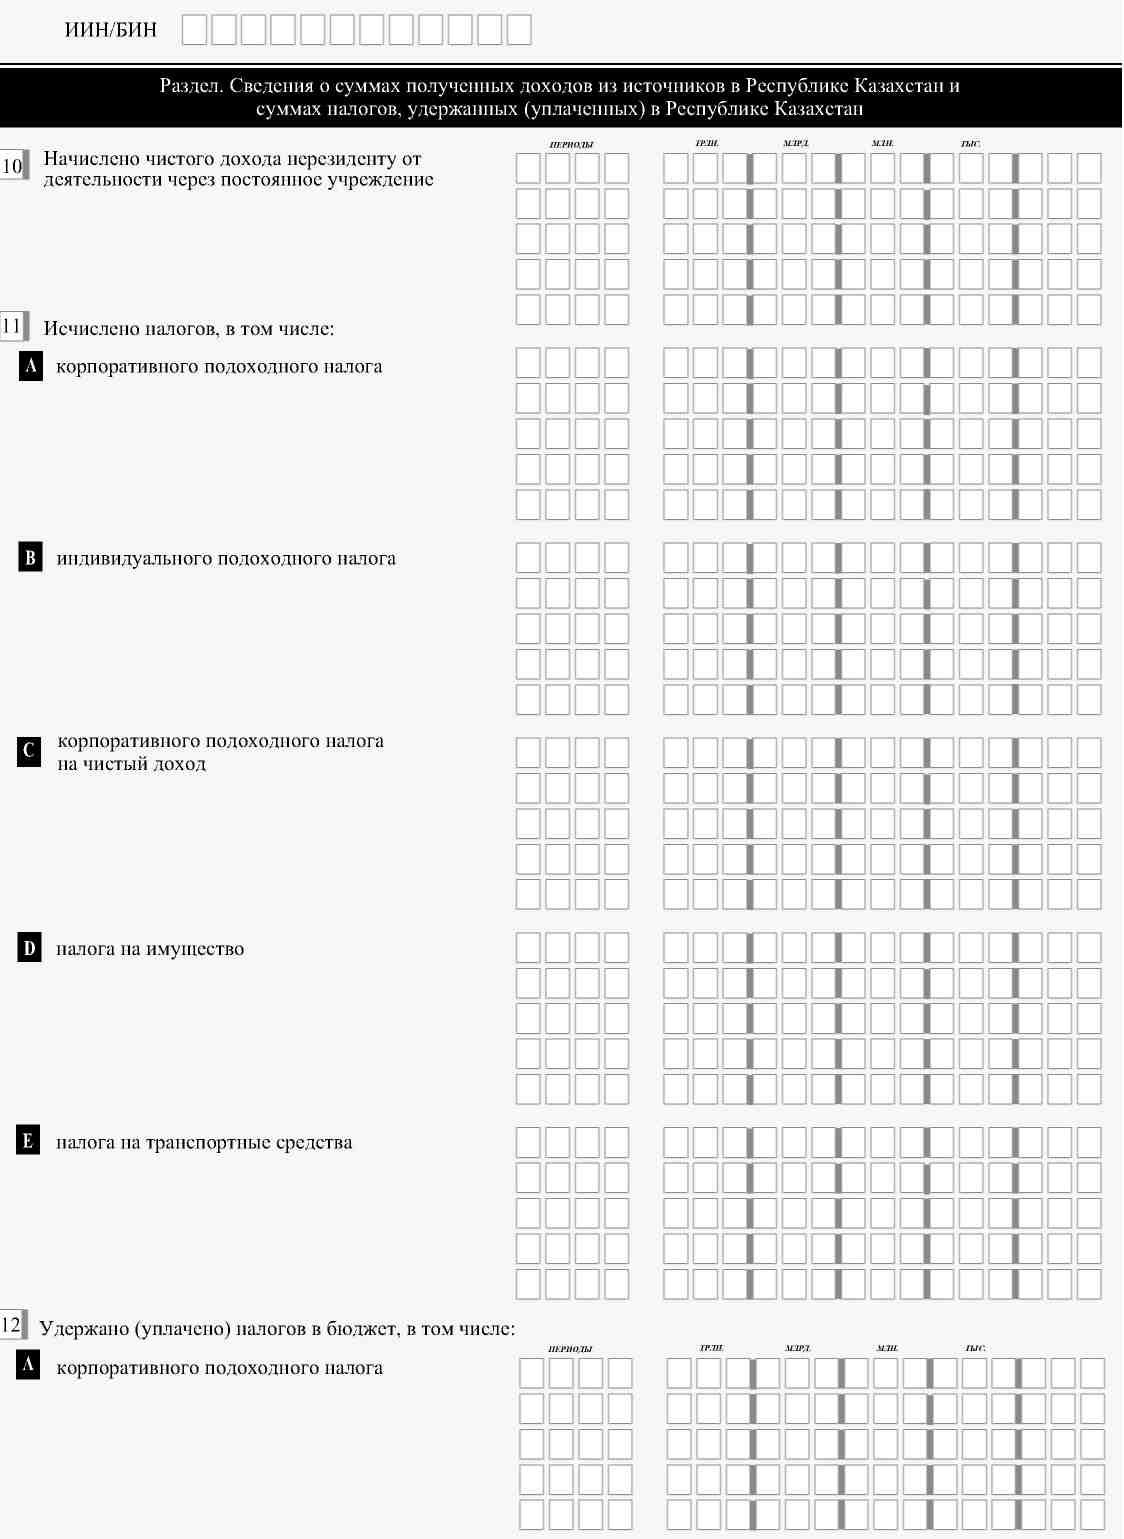 шерстяное стат отчеты бланки 2016 г рк для респондентов физической нагрузке обычном